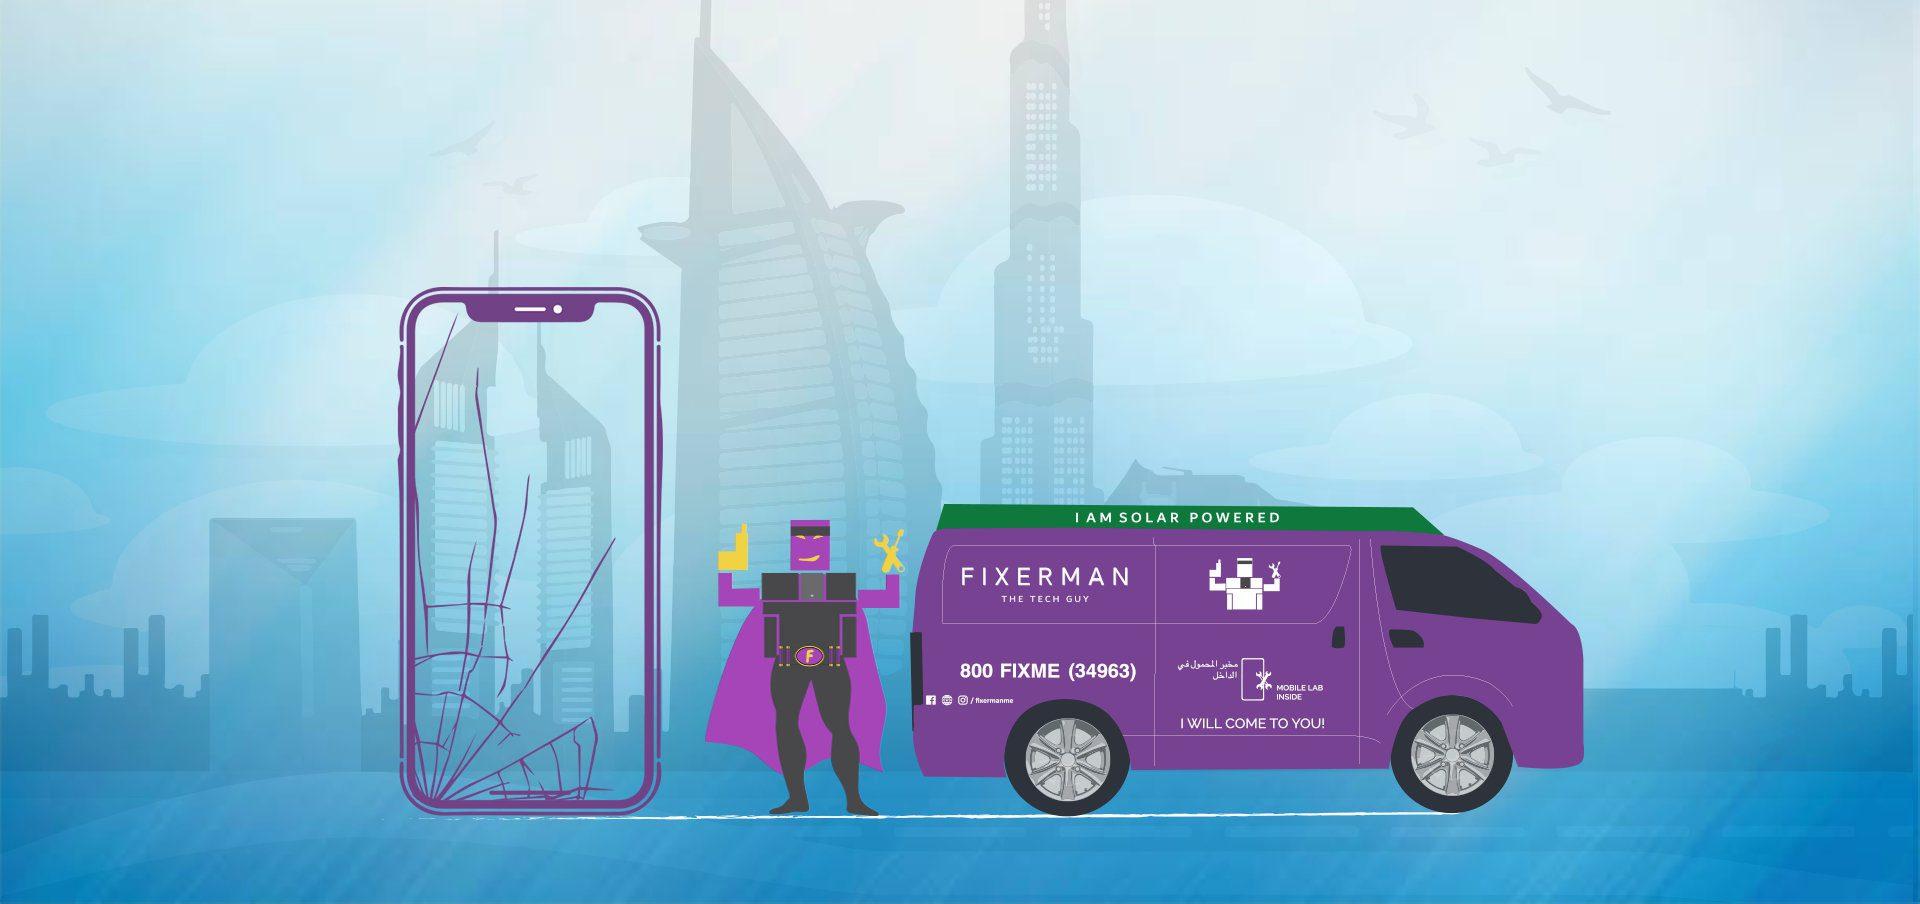 iPhone XS Repair in Dubai